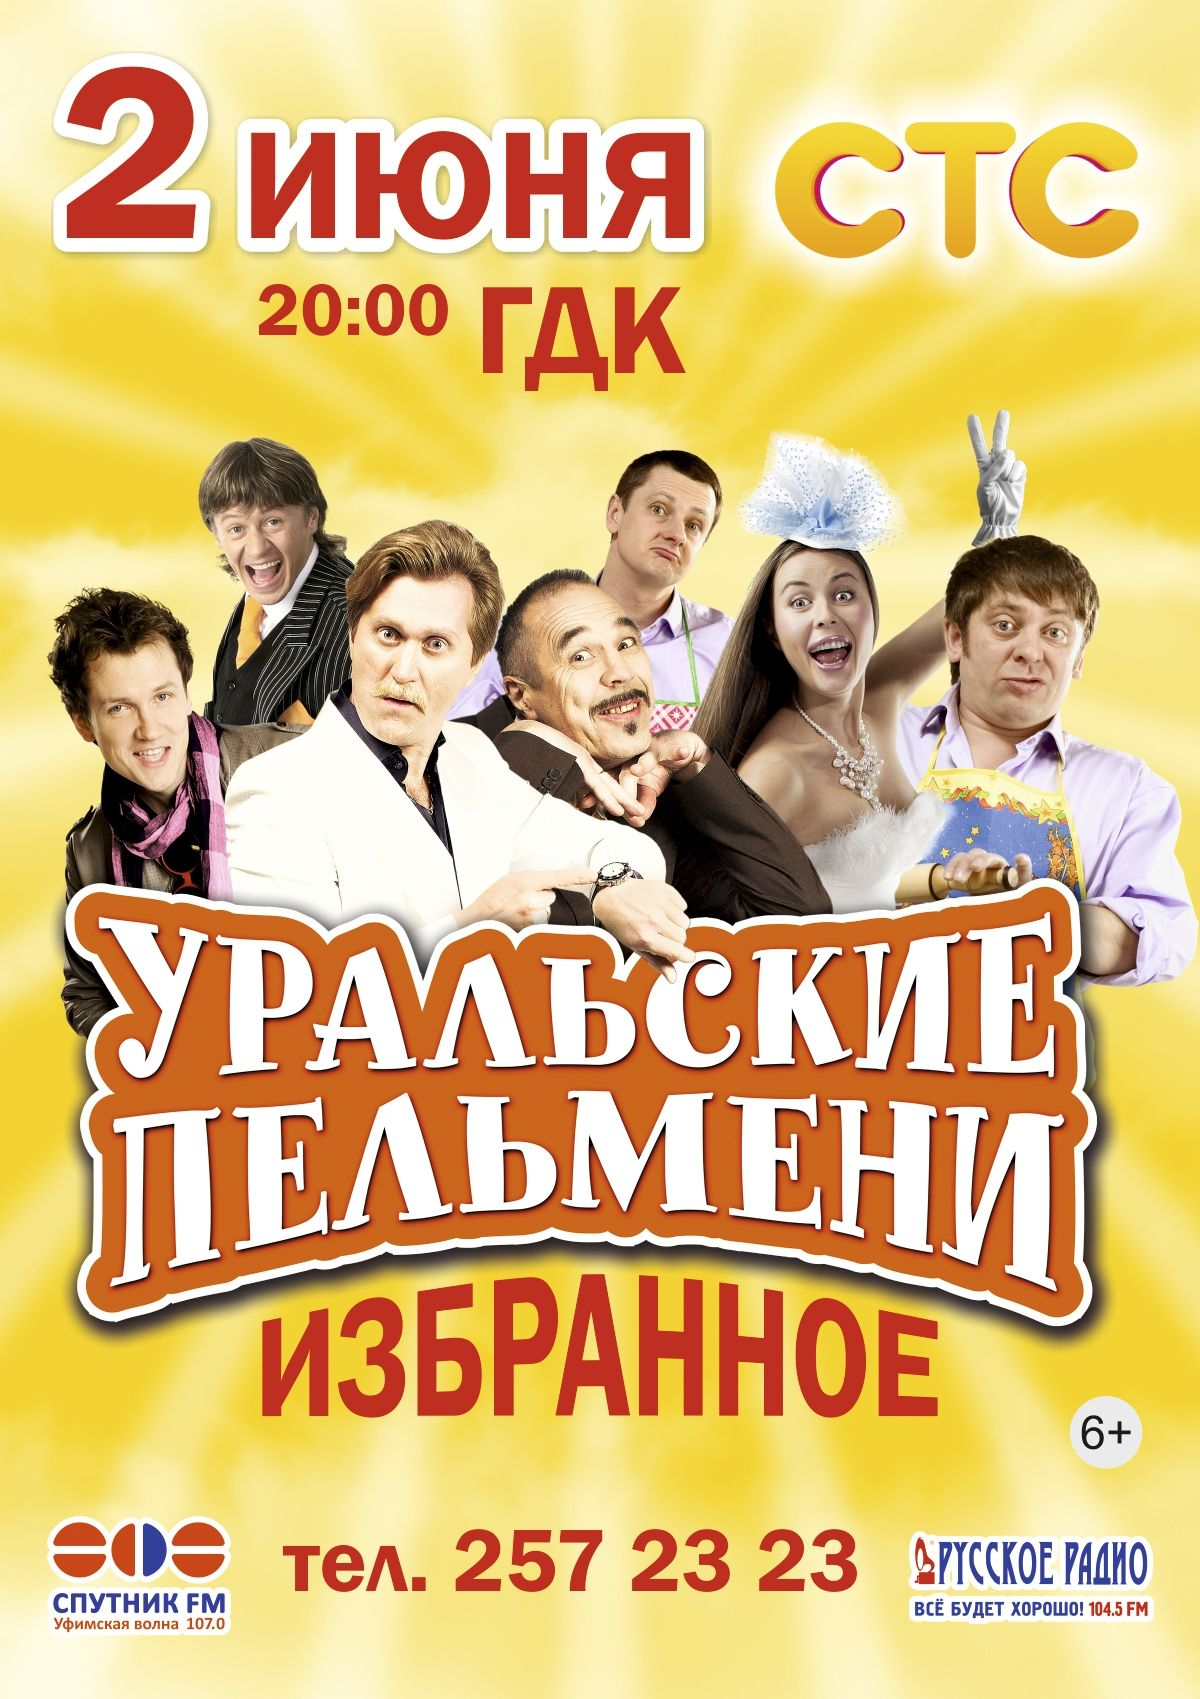 Уральские пельмени потому что гладиолус 2 фотография